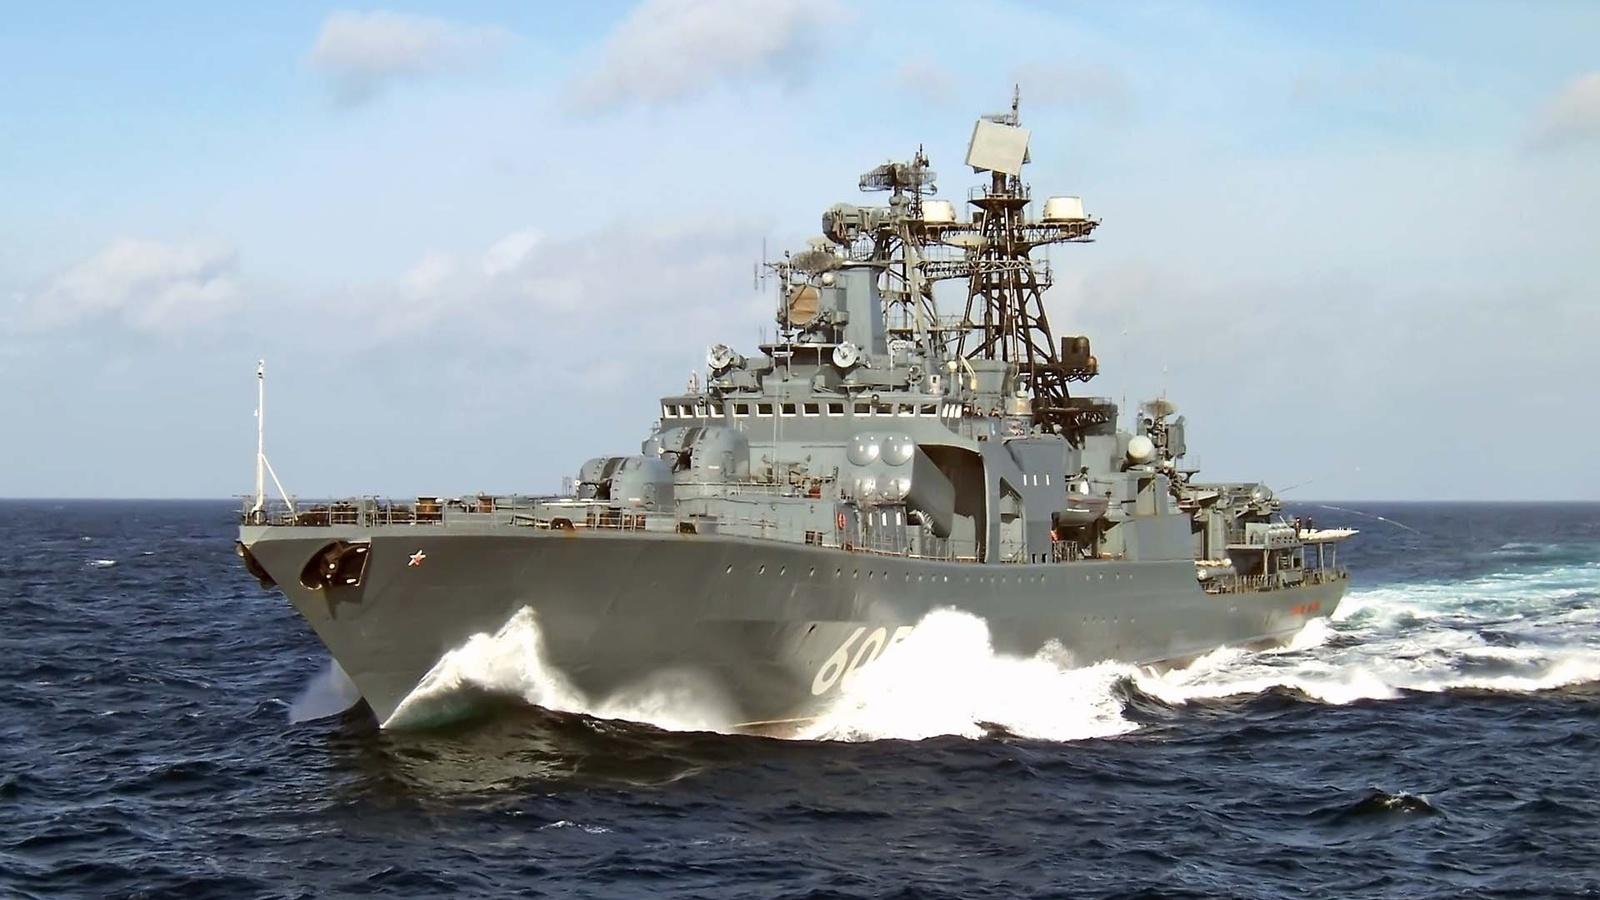 Открытки военных кораблей, открытка музыкальная